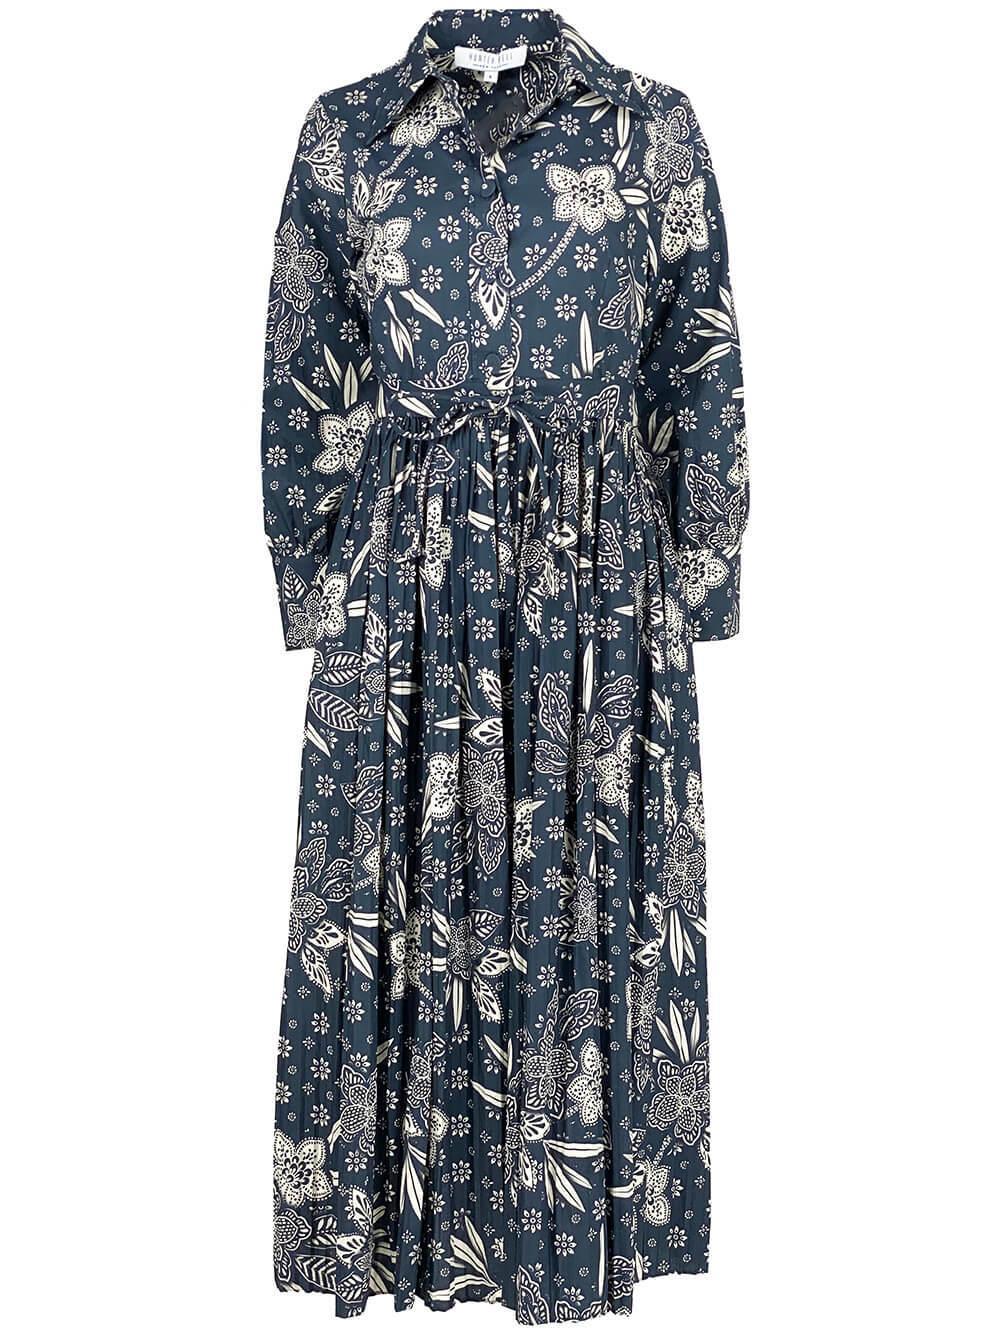 Hattie Midi Shirt Dress Item # 21FD1